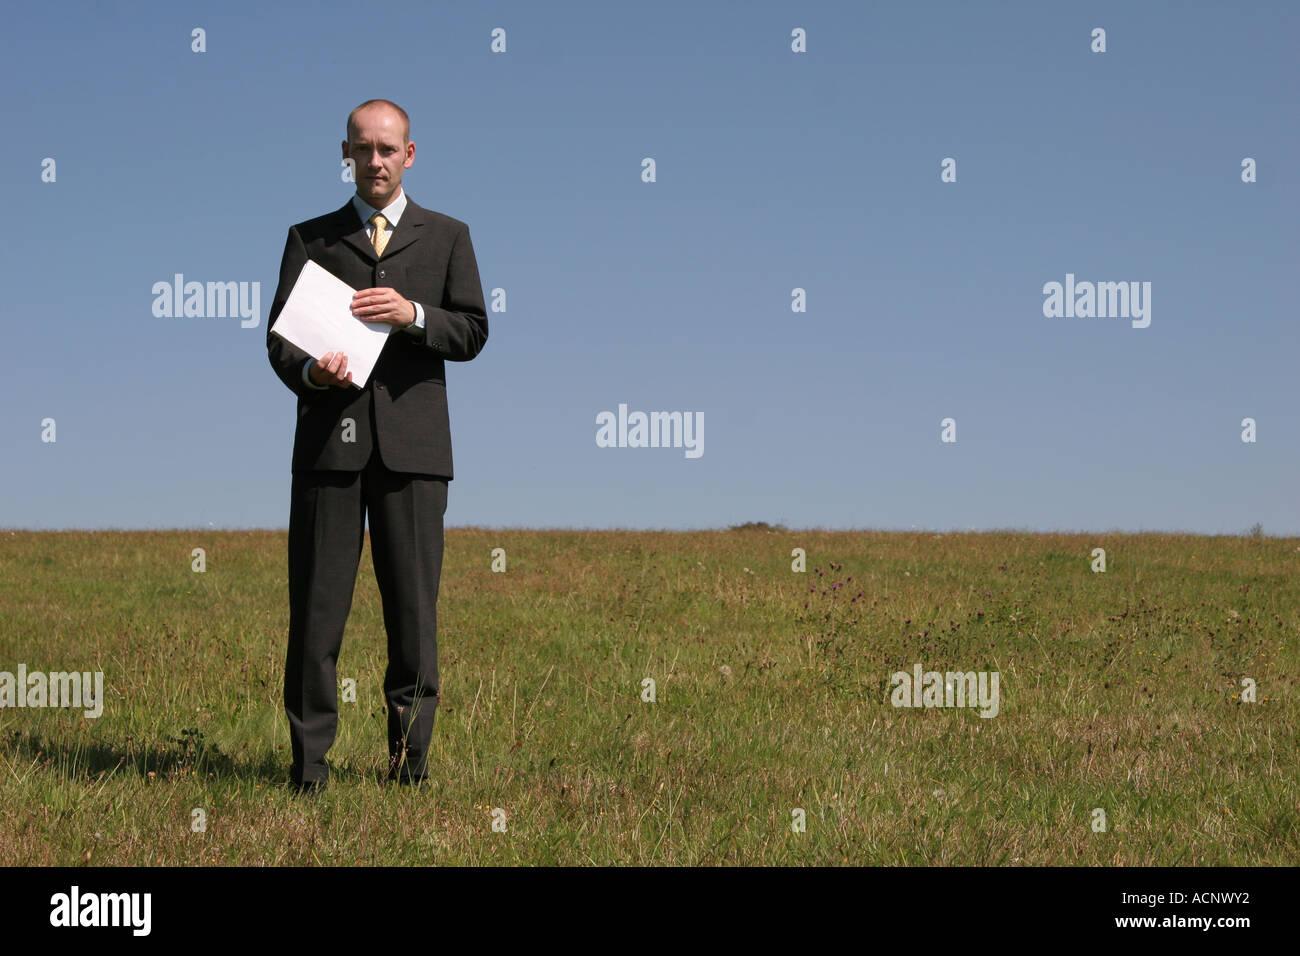 Businessman with annual report - Geschäftsmann mit Geschäftsbericht Stock Photo